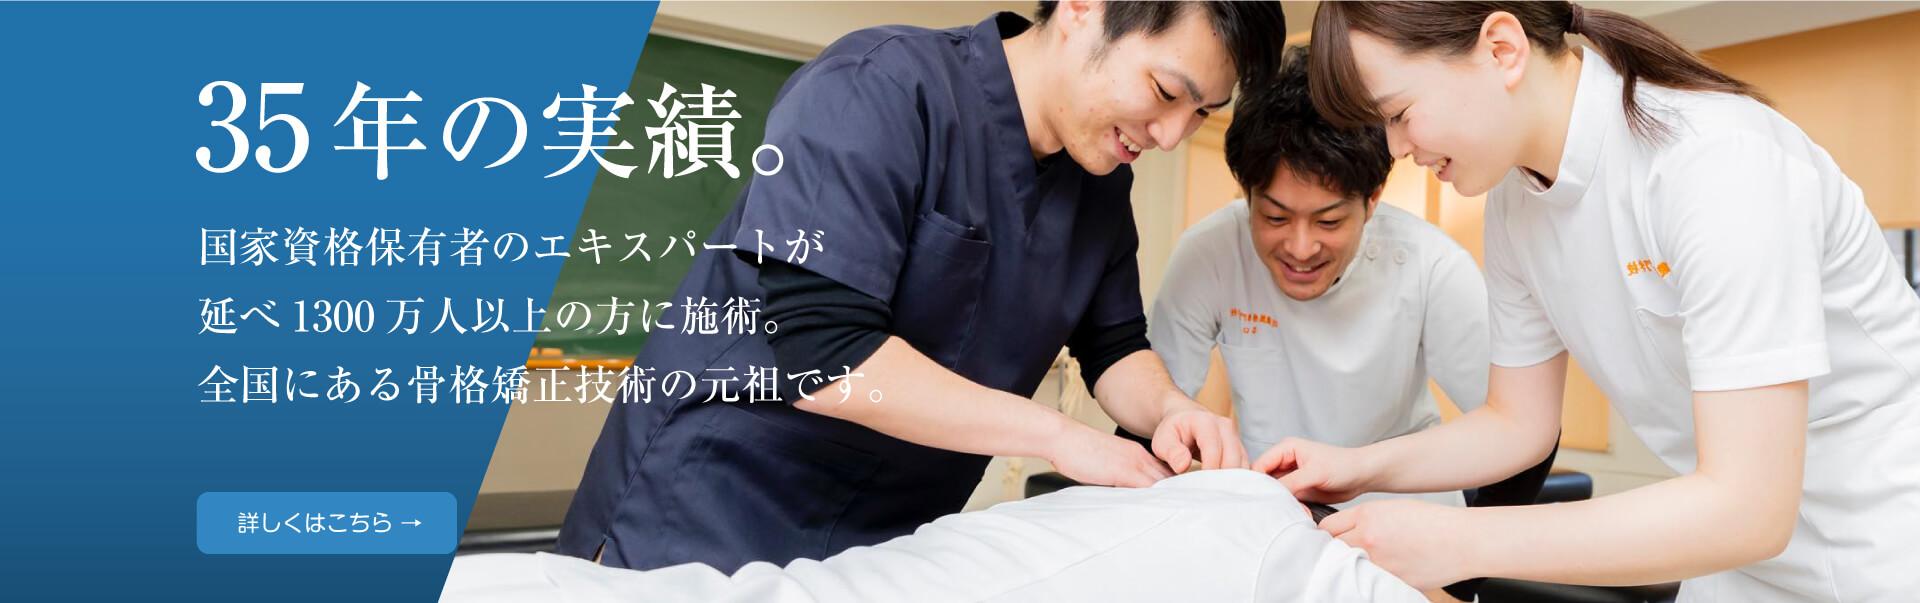 小林整骨院 スポーツトレーナーとして有名アスリートを数多く担当、関西・東海・関東で展開する整骨院グループ